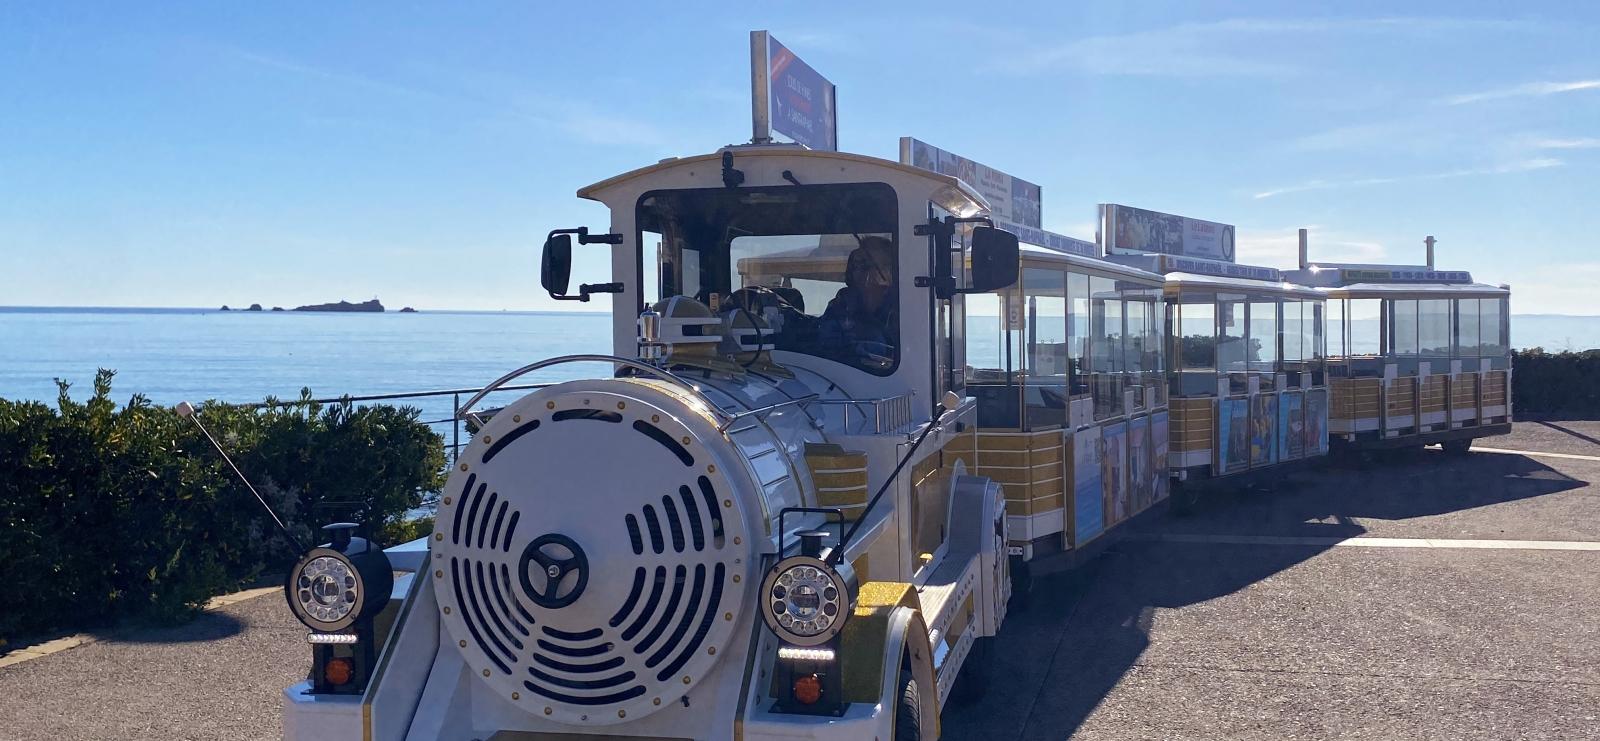 Saint-Raphaël en petit train touristique